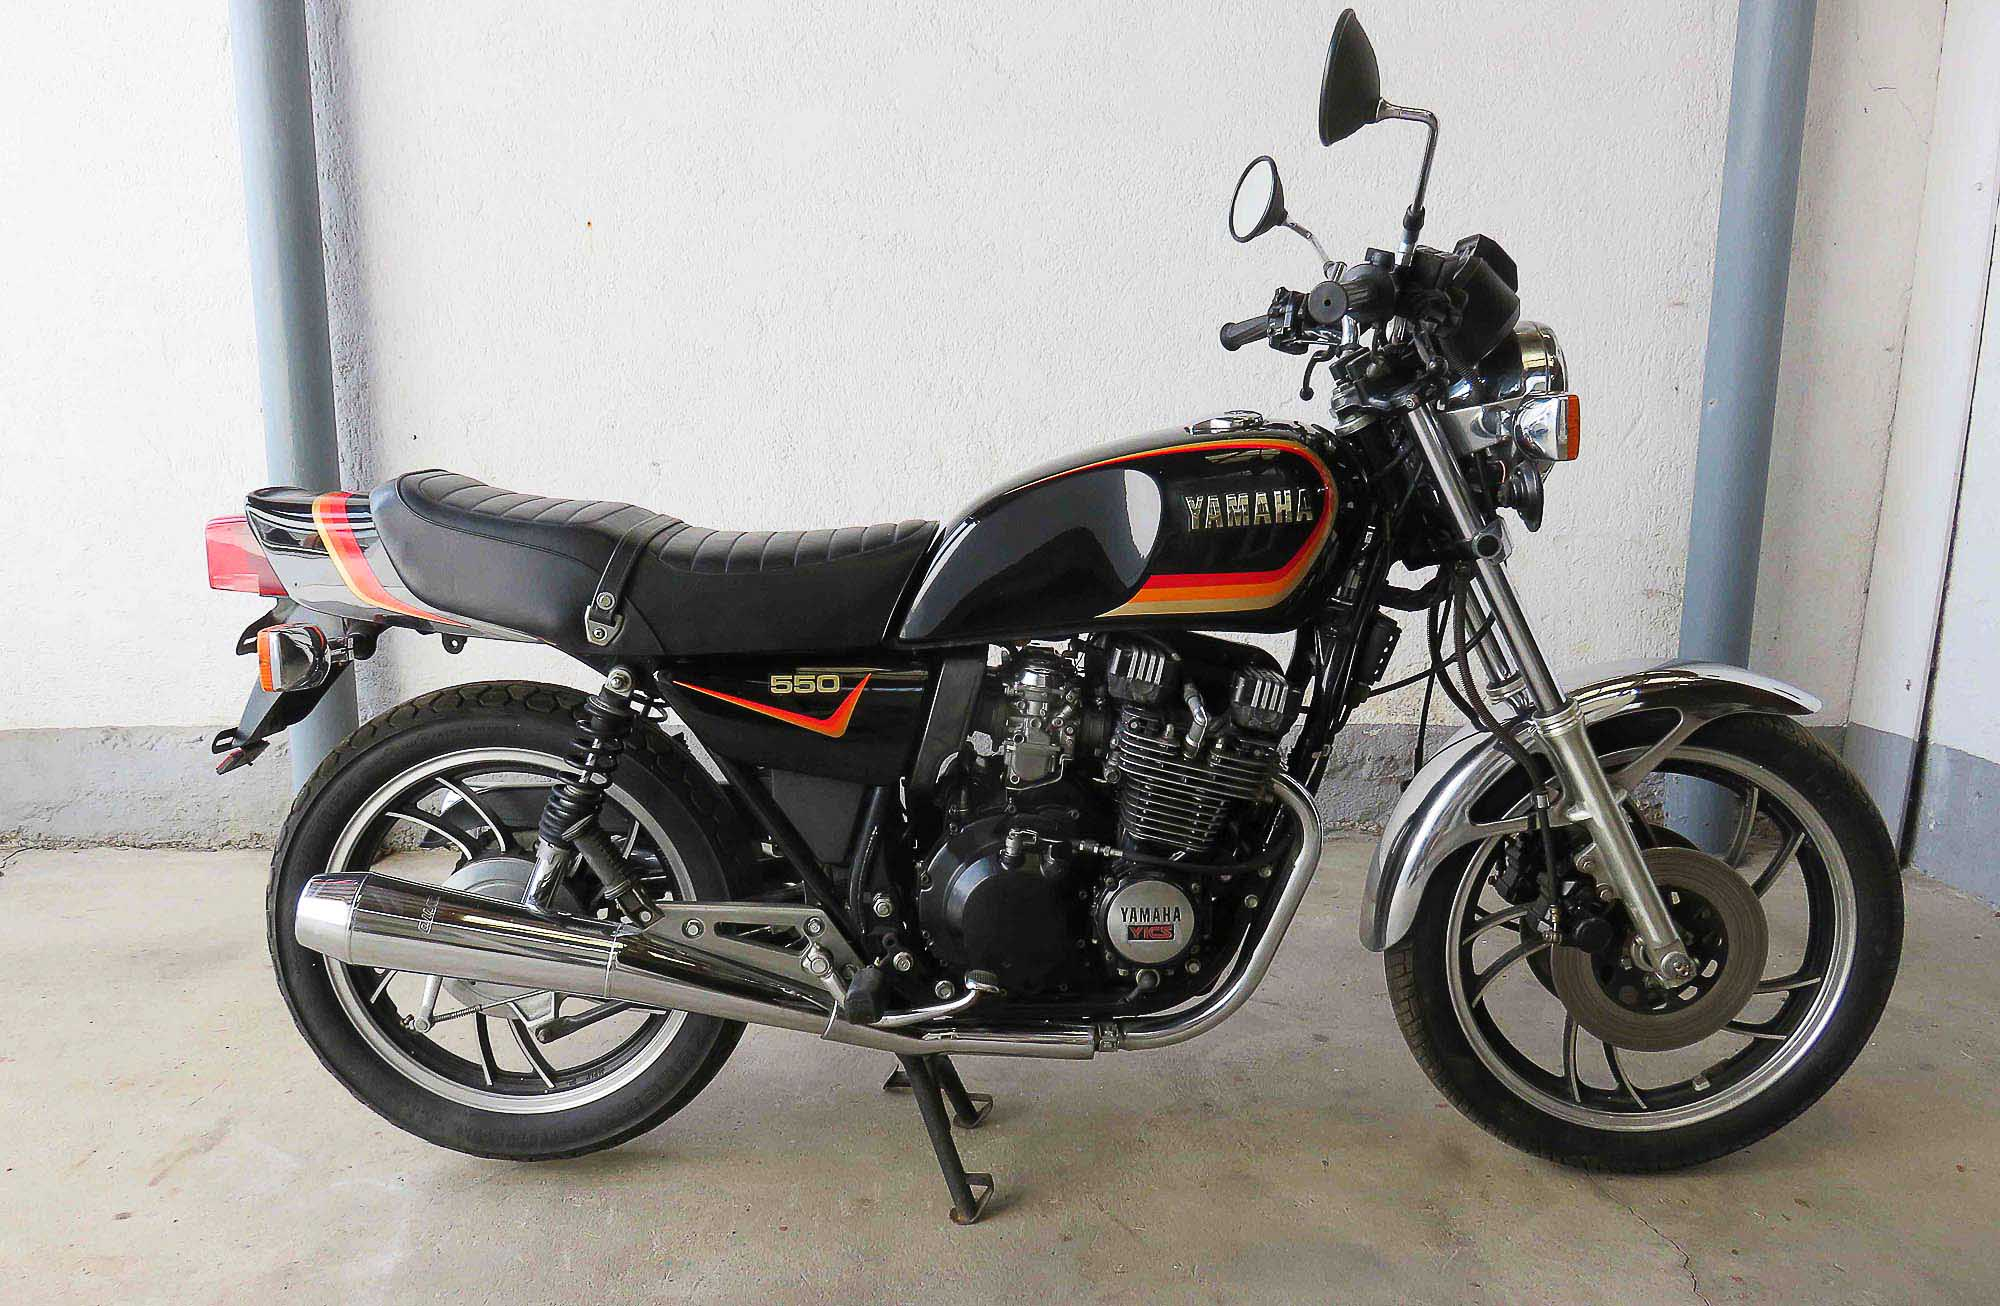 YAMAHA XJ 550 (1981 - 1984)